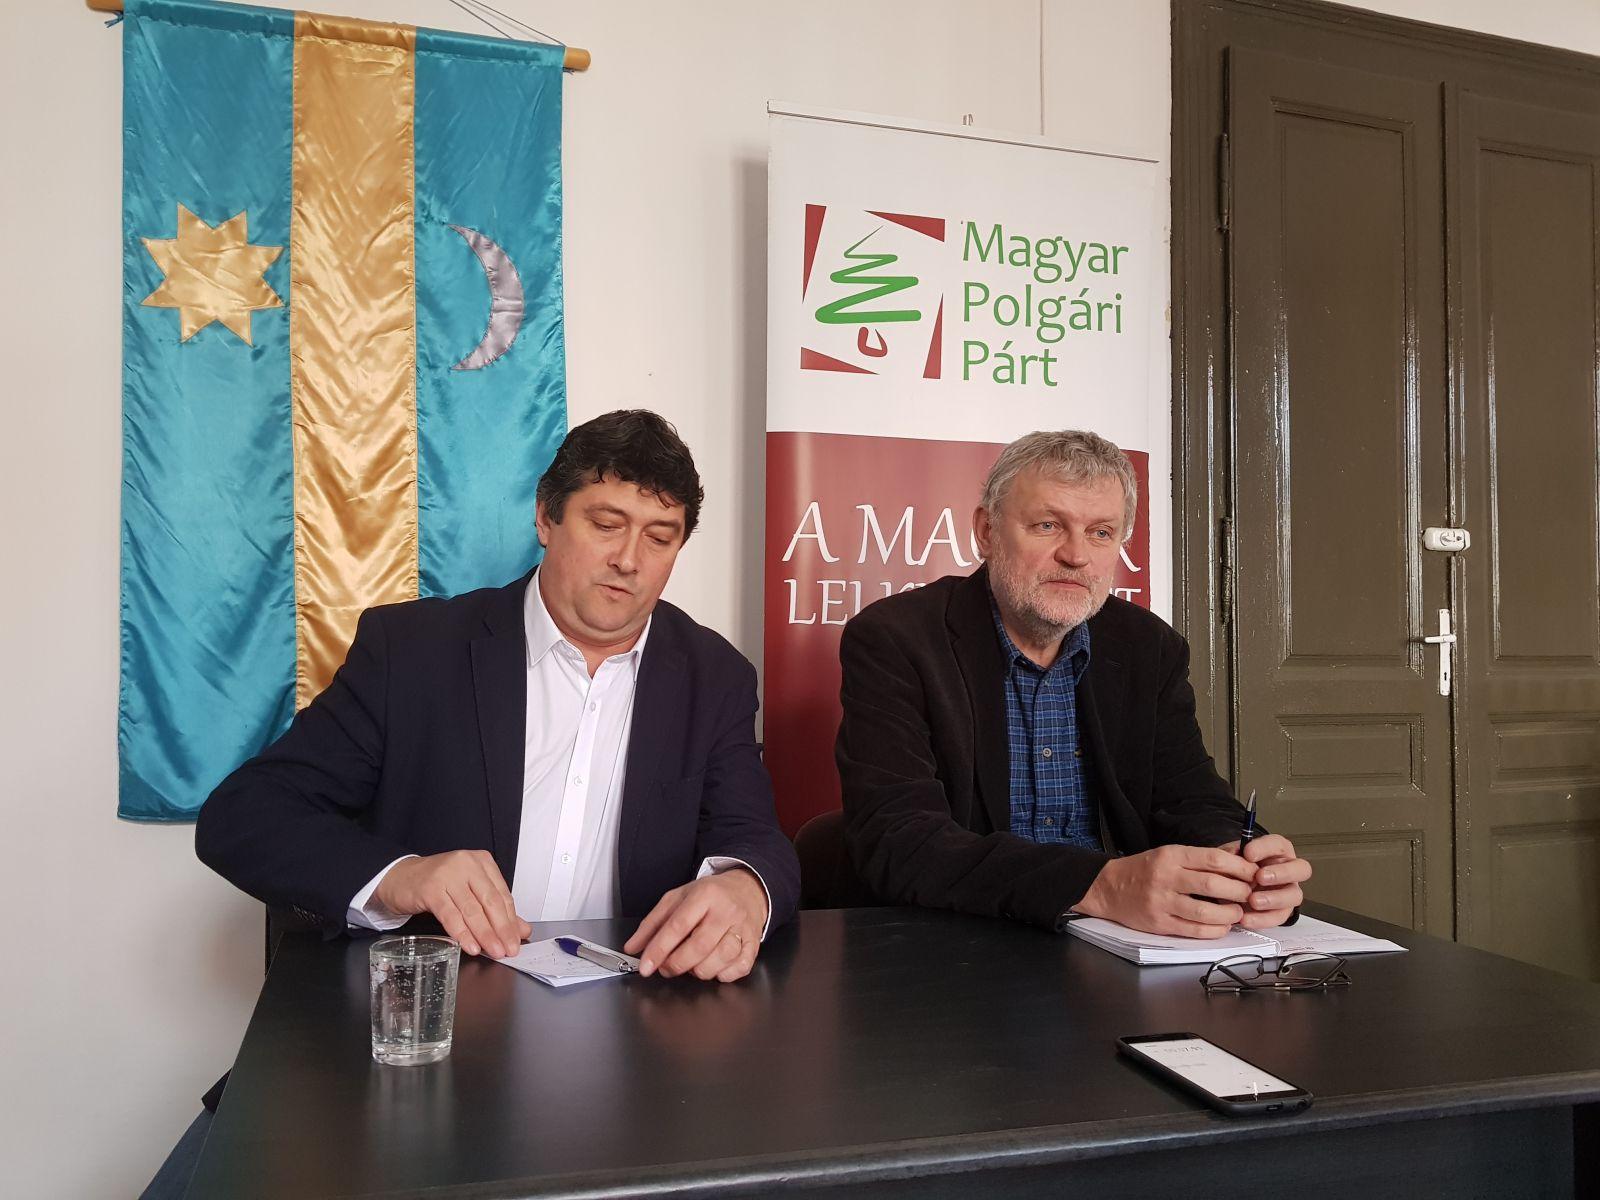 Támogató aláírásokat gyűjt az MPP a Dan Tanasă elleni panaszhoz